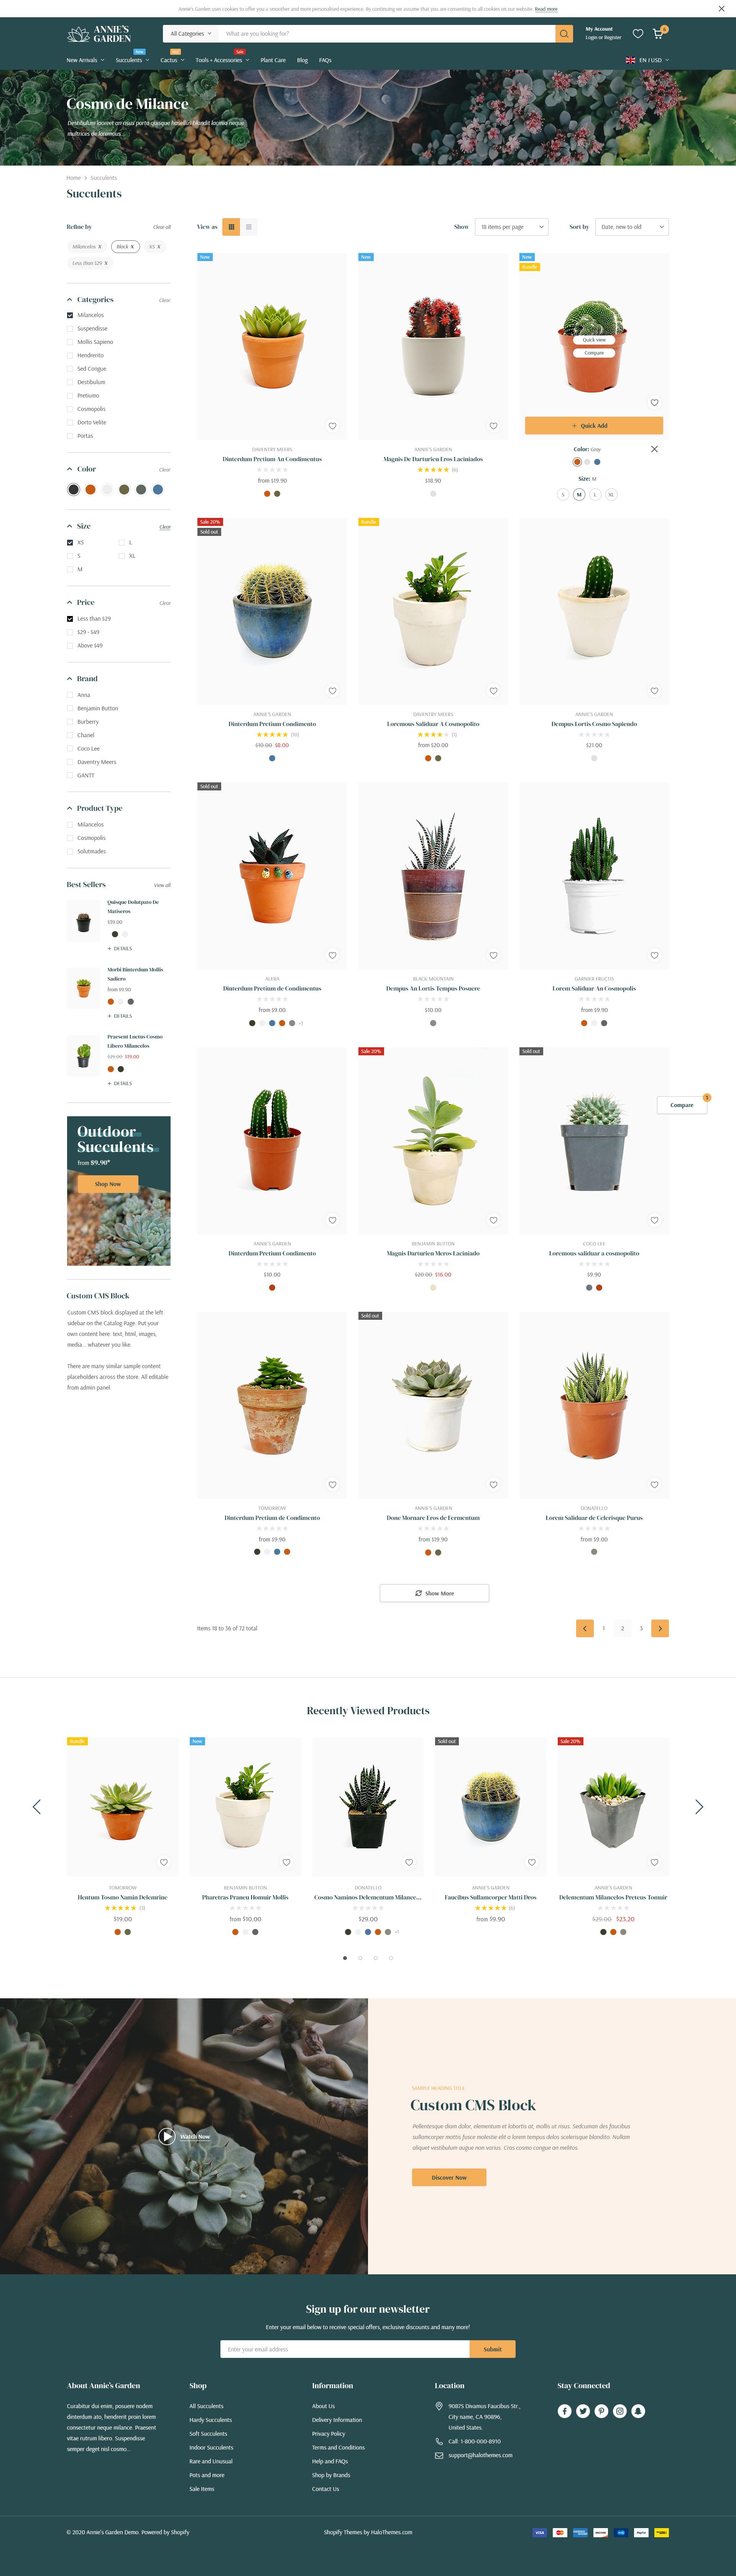 Annie's Garden - Home & Garden Shopify Section Theme